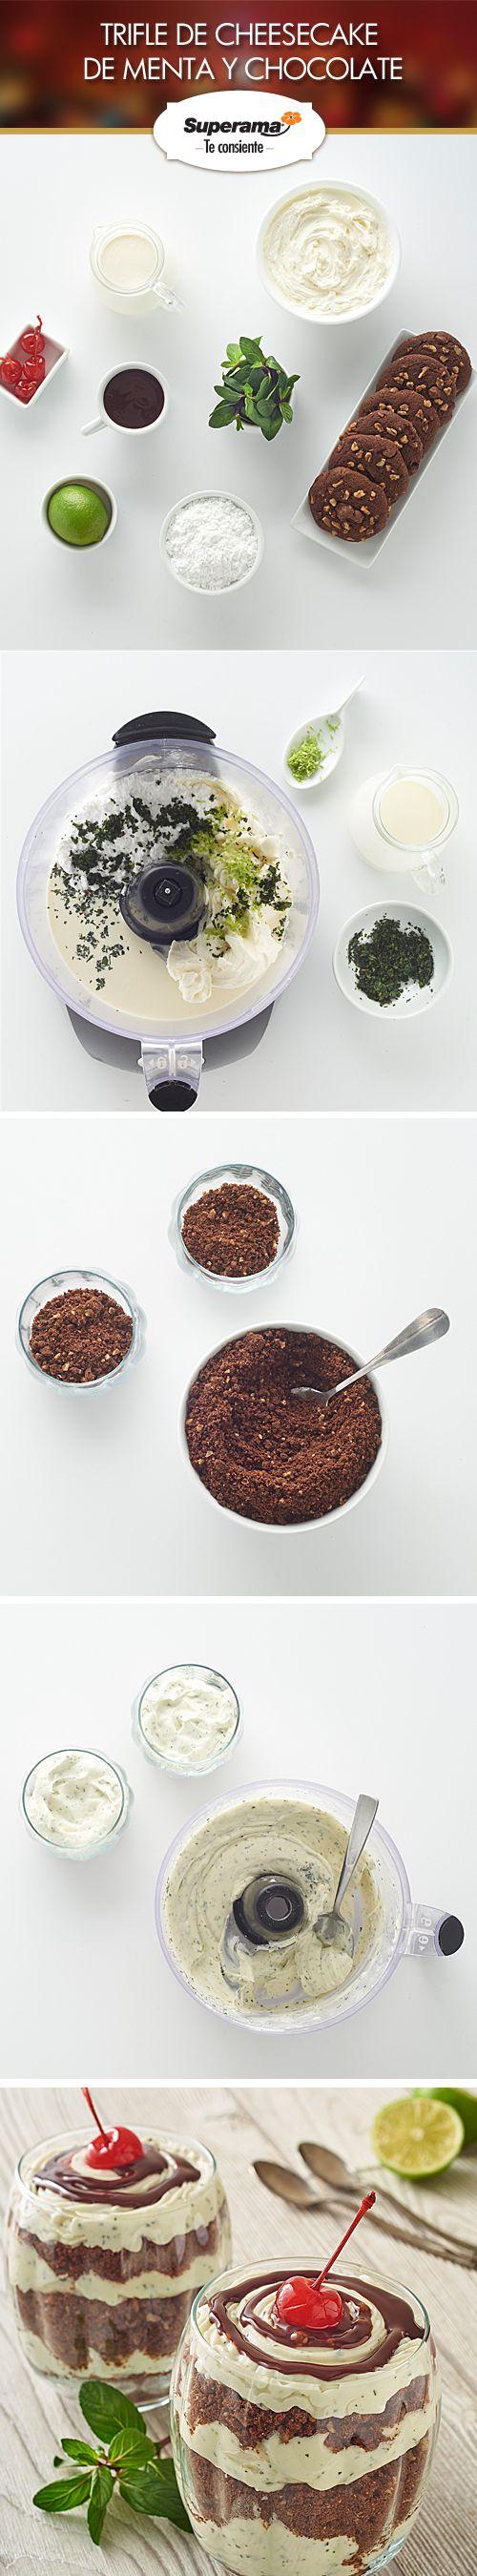 #Trifle de #cheesecake de menta y chocolate: Mezcla en el procesador 1 tz. de queso crema, ½ tz. de azúcar glass, ¾ tz. de crema para batir, 1 cda. de ralladura de limón y 4 cdas. de menta picada. Coloca en un vaso 3 cdas. de galleta de chocolate triturada y  3 cdas. de la preparación de queso. Repite el procedimiento hasta llenar el vaso. Completa 3 vasos más y decóralos con 2 cdas. de  jarabe de chocolate, 1 cereza en almíbar y 1 hoja de menta.